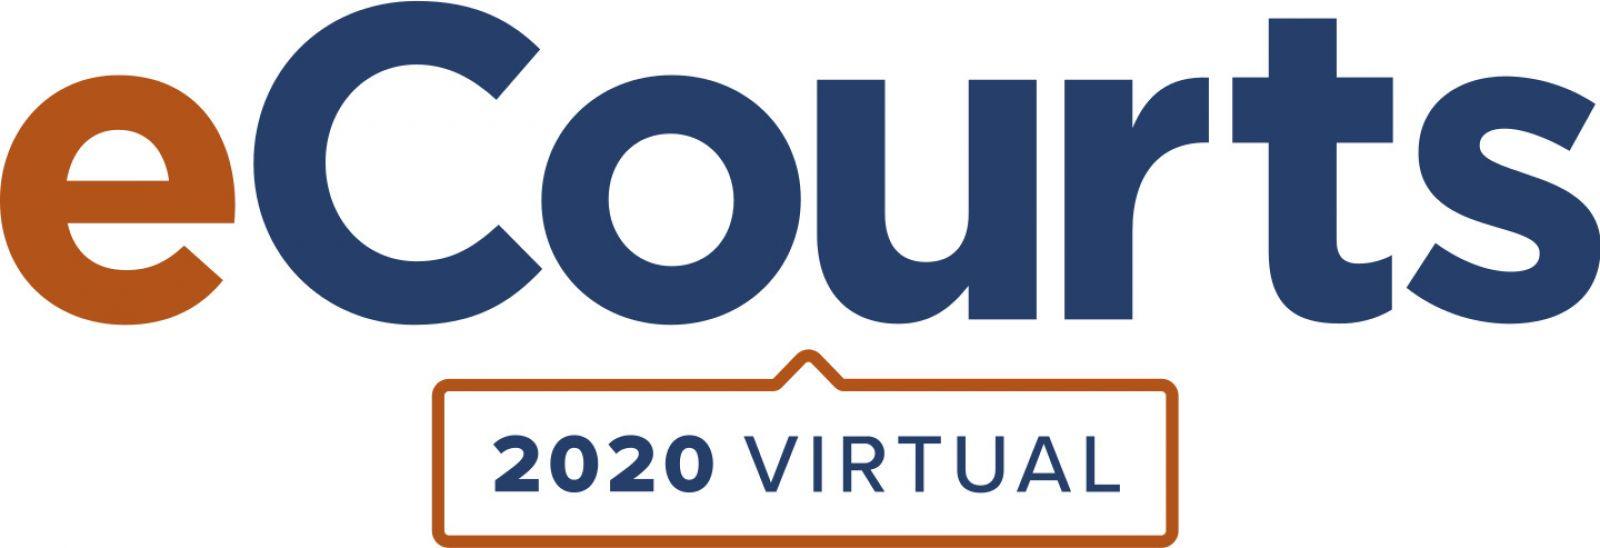 eCourts 2020 logo 2 banner image